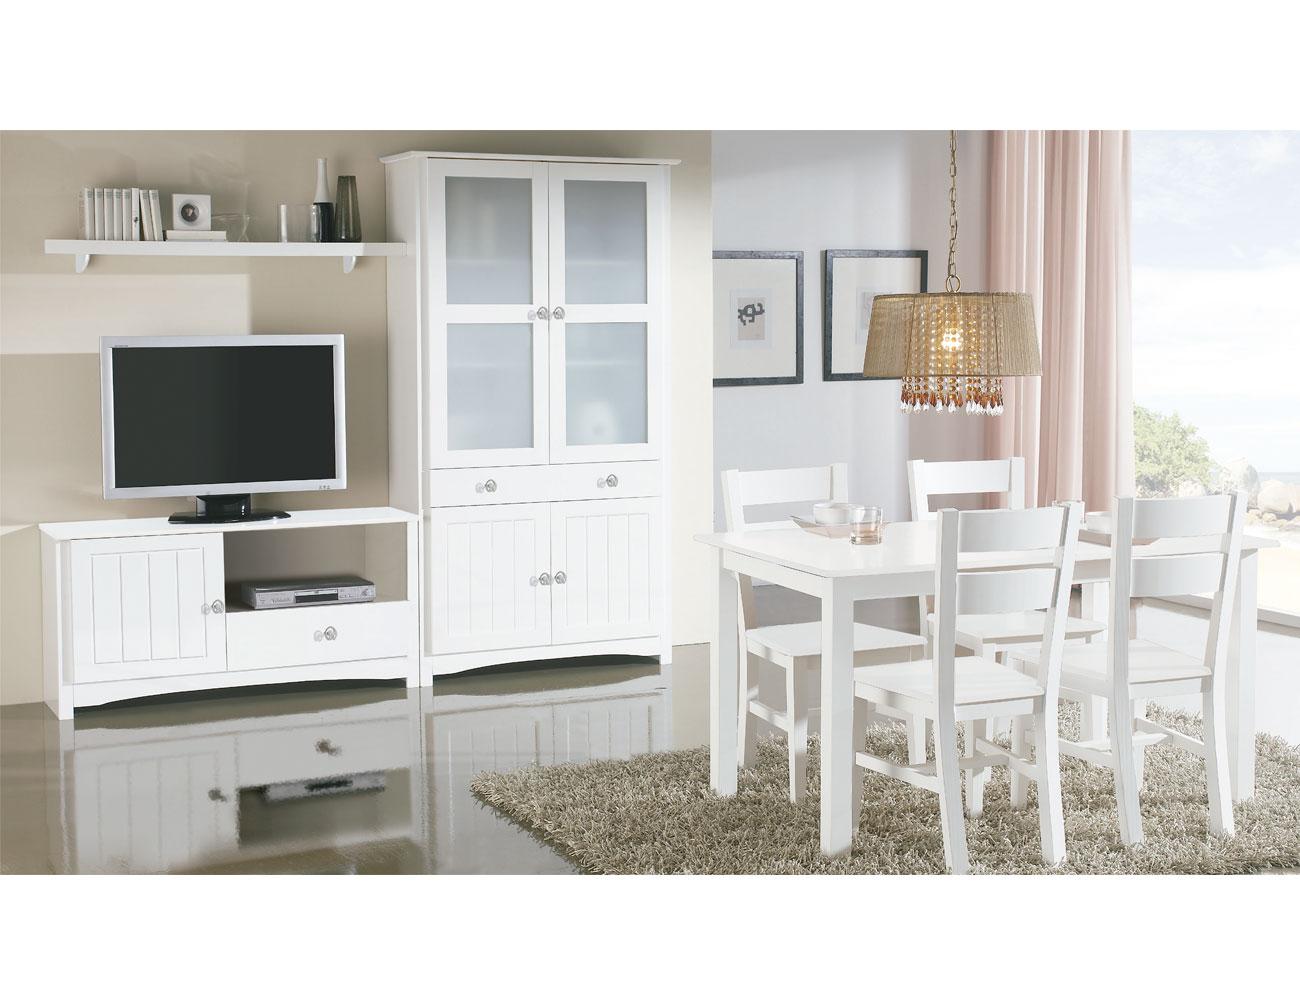 Mueble aparador 3 puertas 3 cajones en madera color for Mueble salon lacado blanco